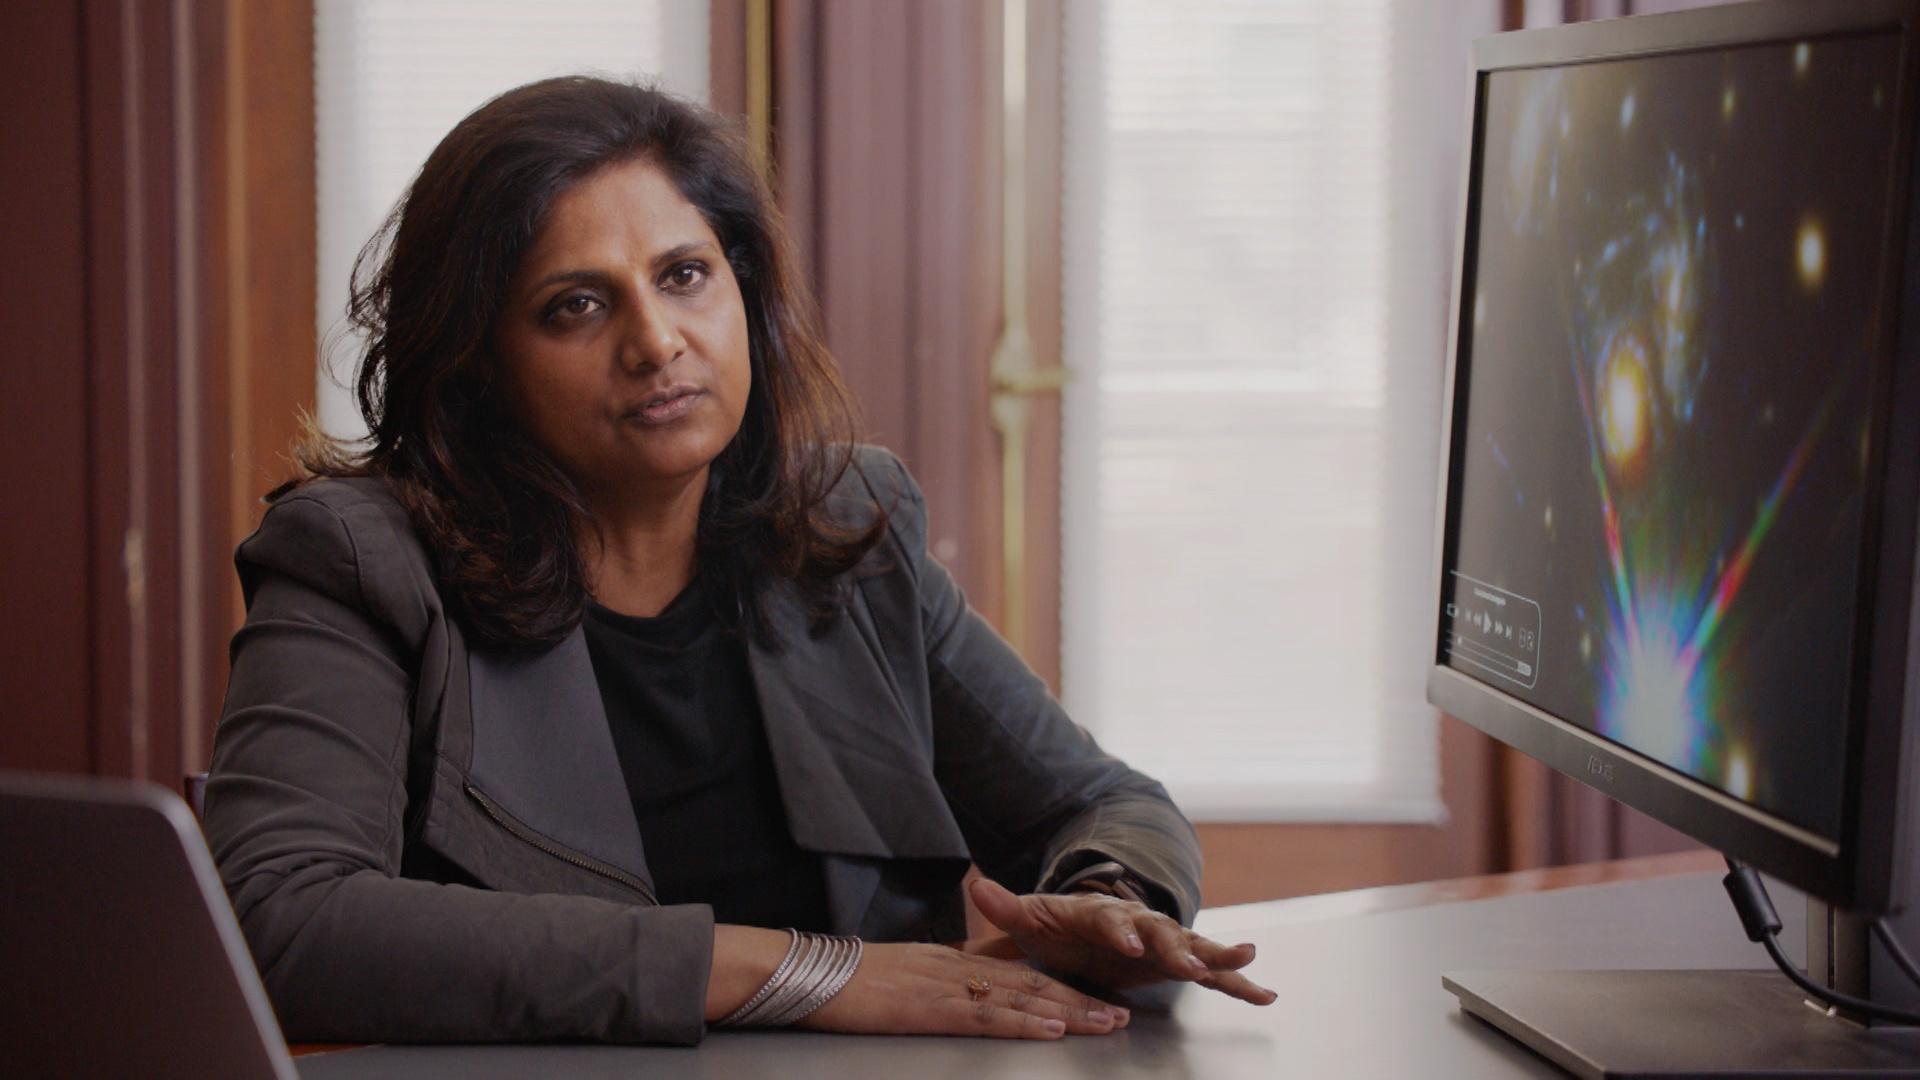 Profile: Priya Natarajan Hero